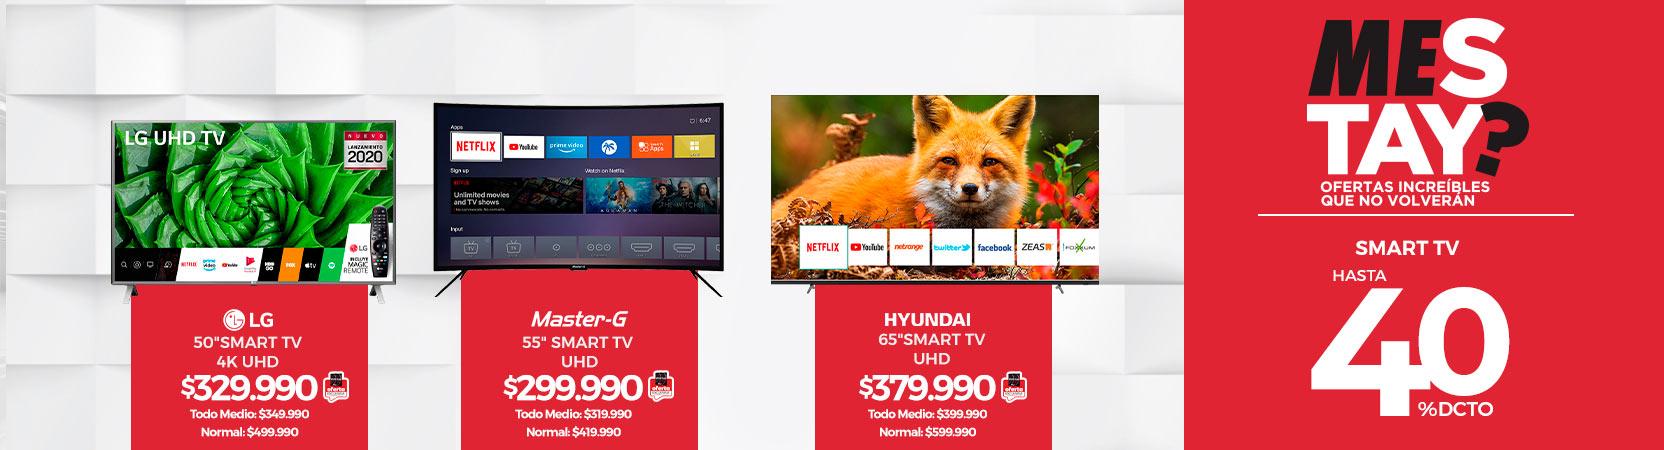 Hasta 40% dcto. en Smart TV | 50 LG 50UN8000PS Smart TV 4K Ultra HD